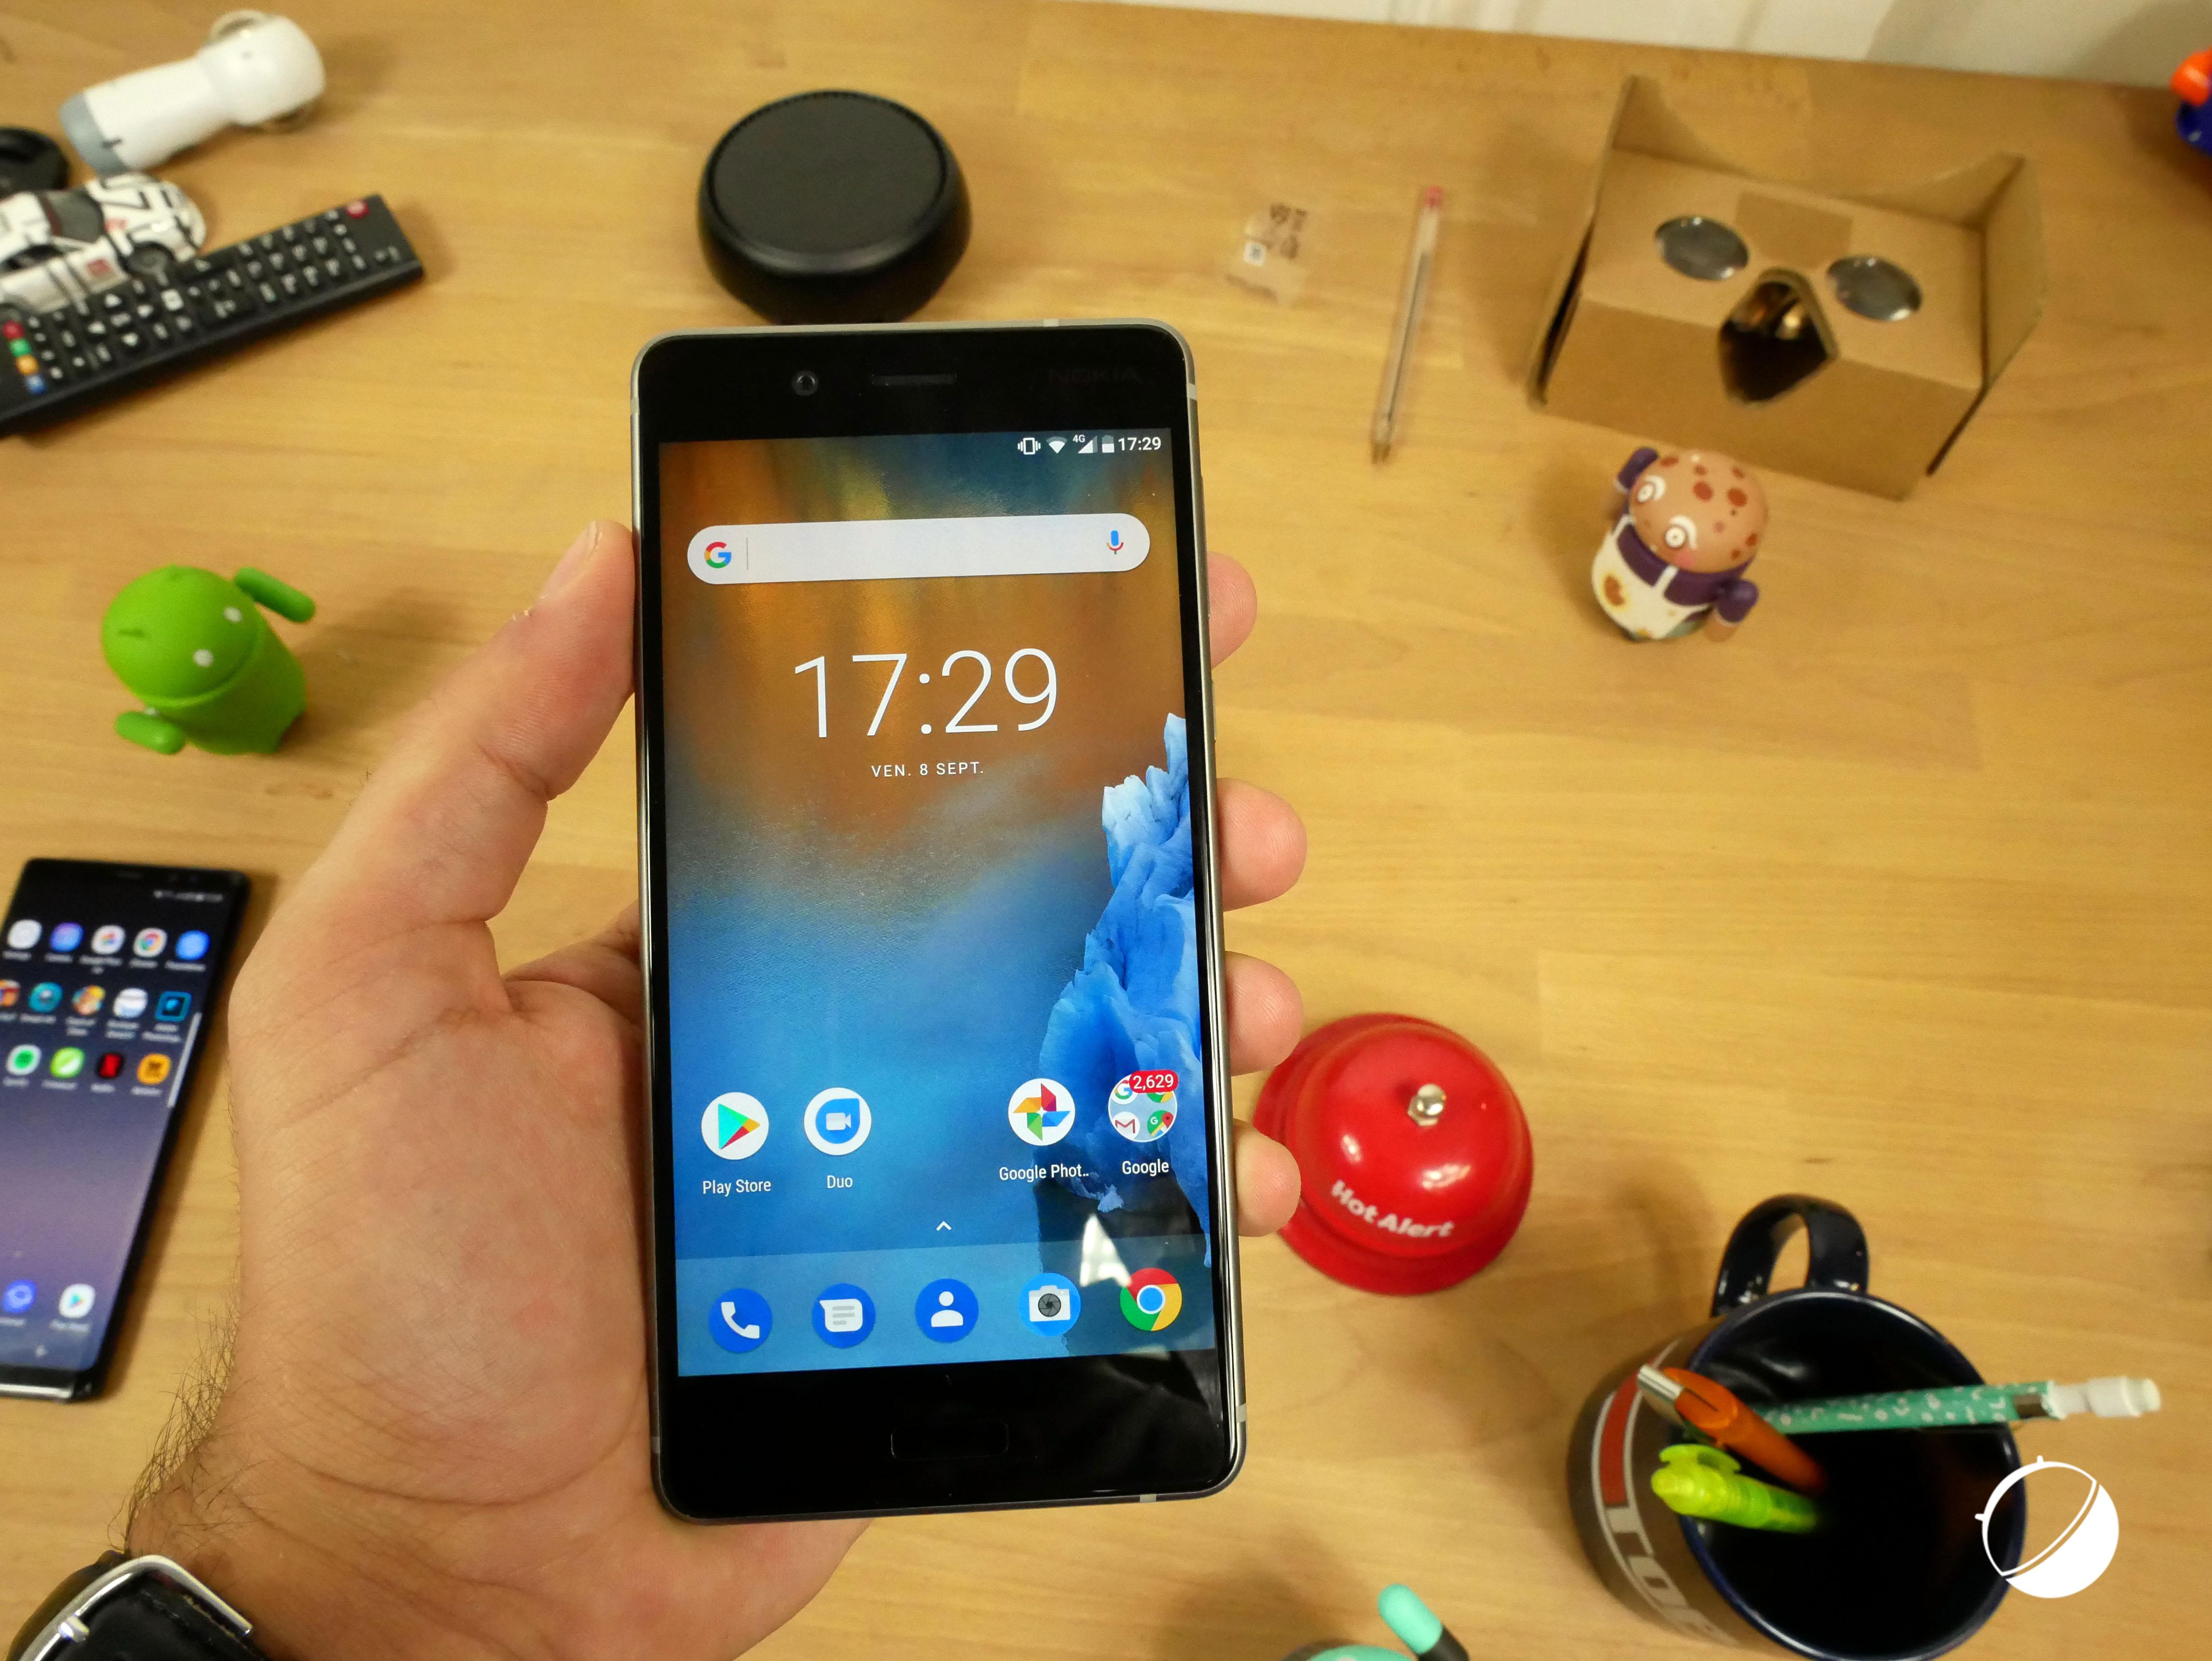 Le Nokia 8 est le premier haut de gamme d HMD que nous avons pu tester à sa  sortie. Sa force réside dans l intégration d Android sans interface  propriétaire ... 0e8c68510990